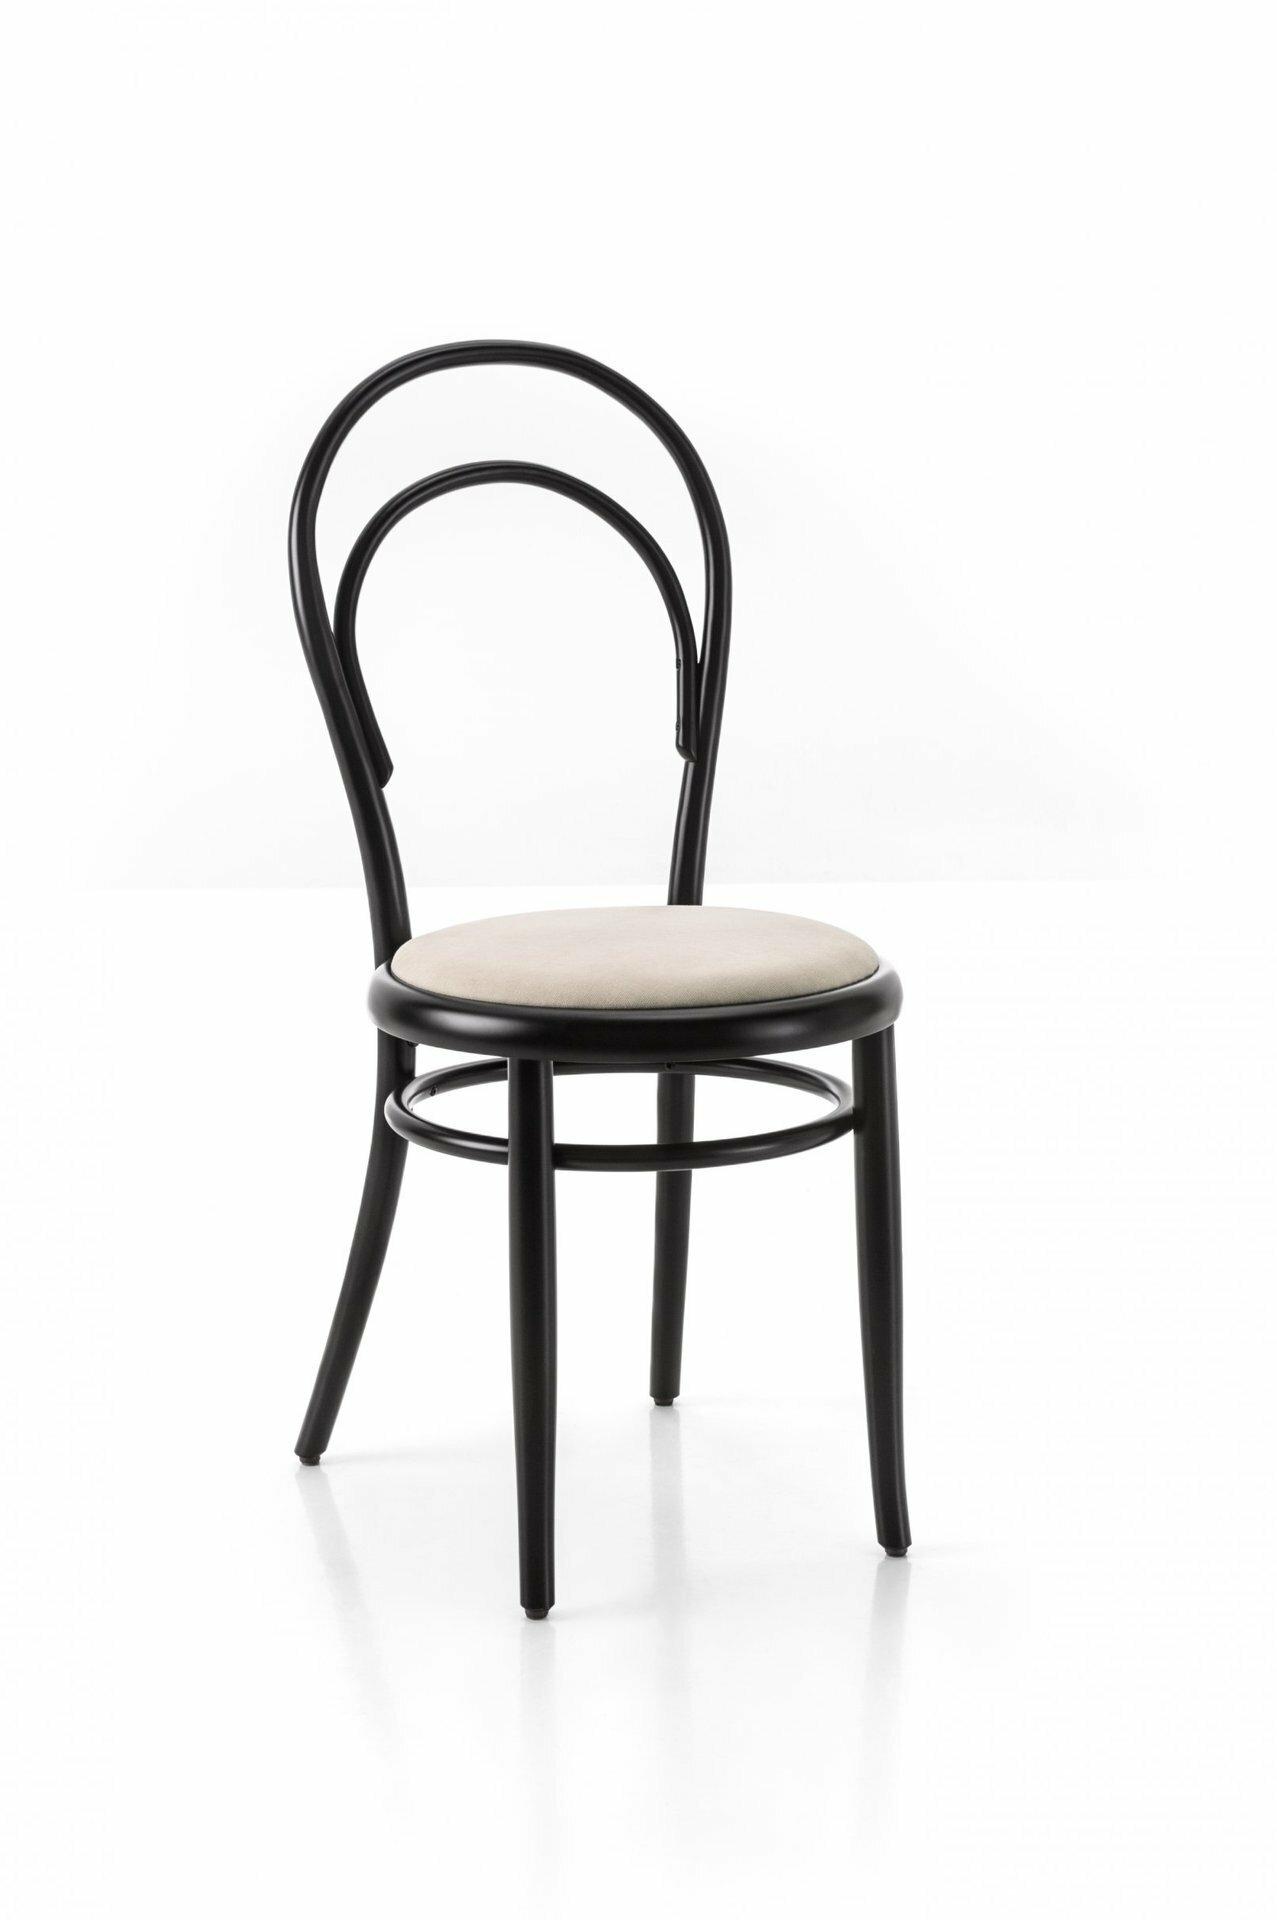 n 14 gebr der thonet vienna. Black Bedroom Furniture Sets. Home Design Ideas